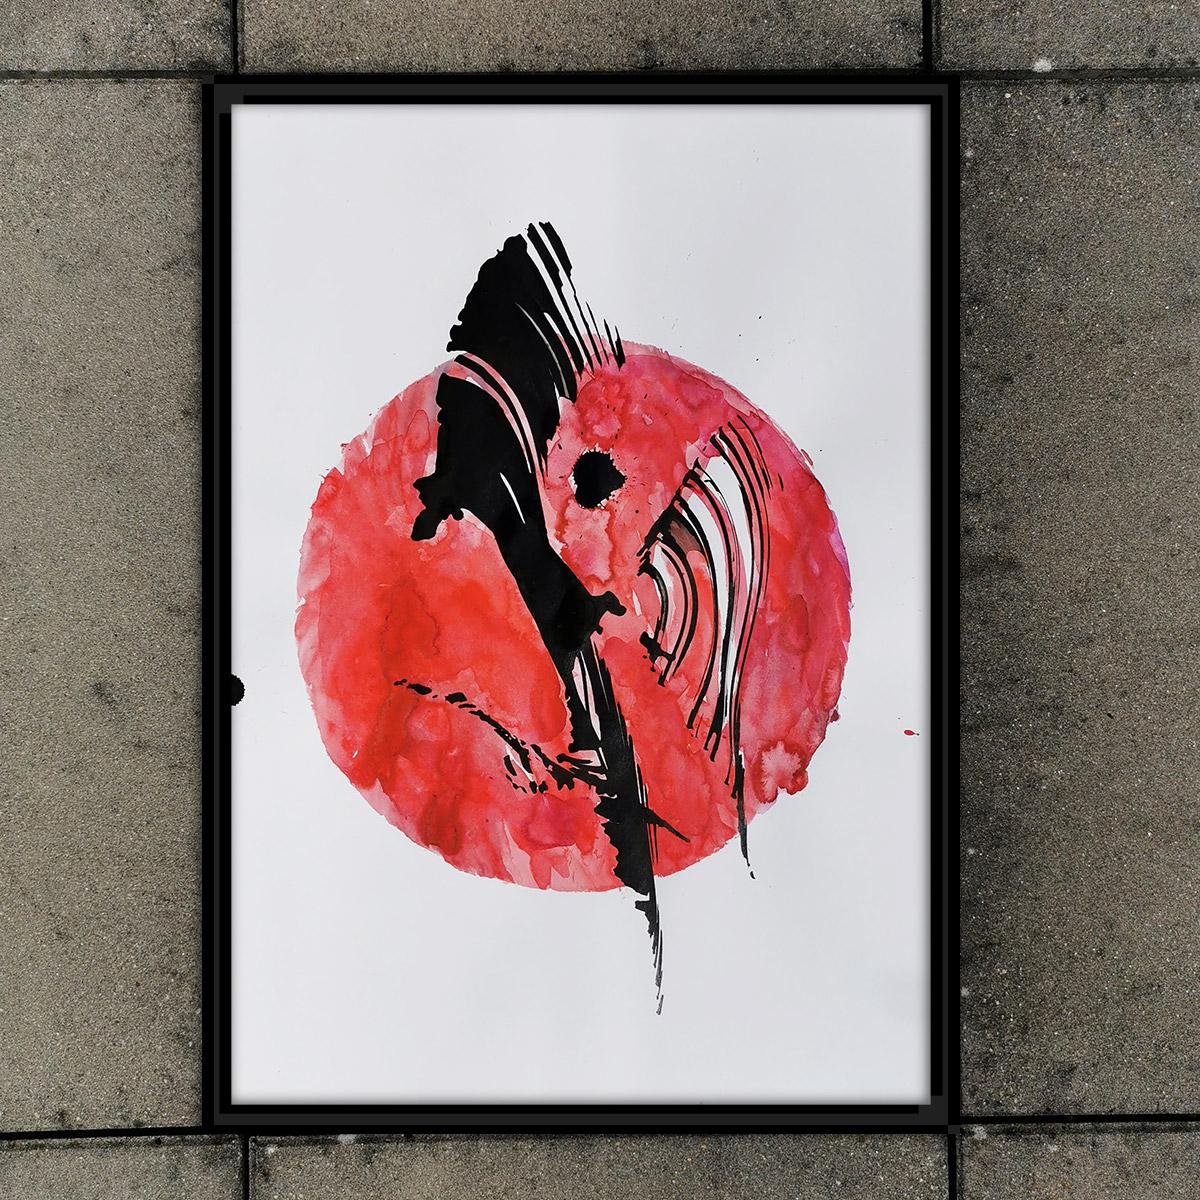 Abstrakte Kunst für Alle! Dekorativ, expressiv, liebevoll, mysteriös - nur echt mit magischen Kräften!